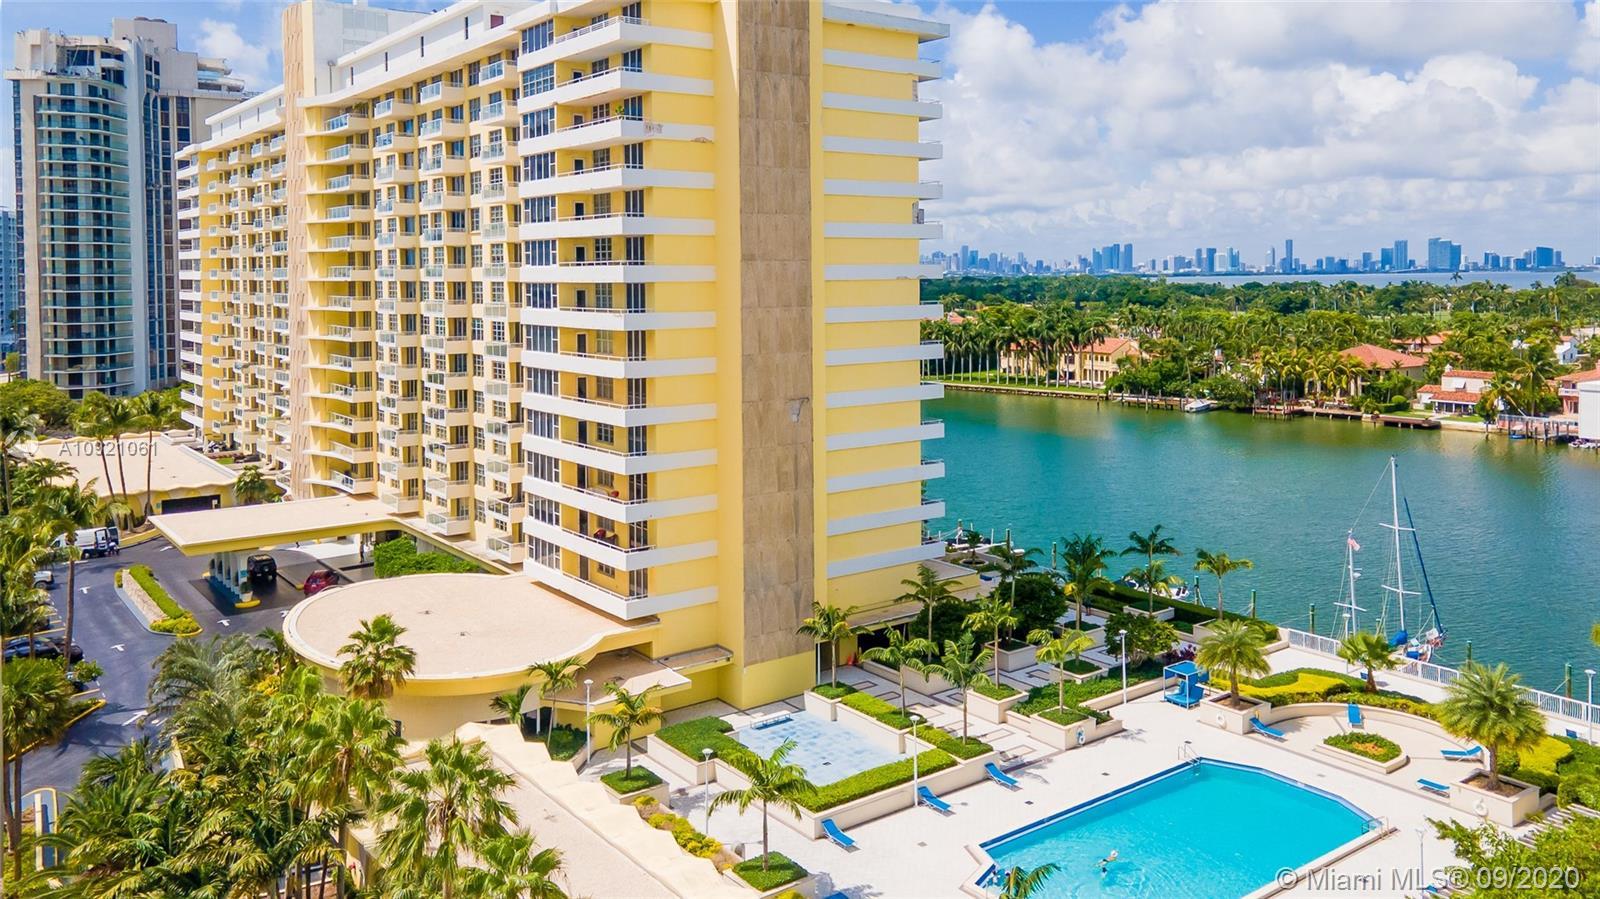 5600 Collins #7W - 5600 Collins Ave #7W, Miami Beach, FL 33140